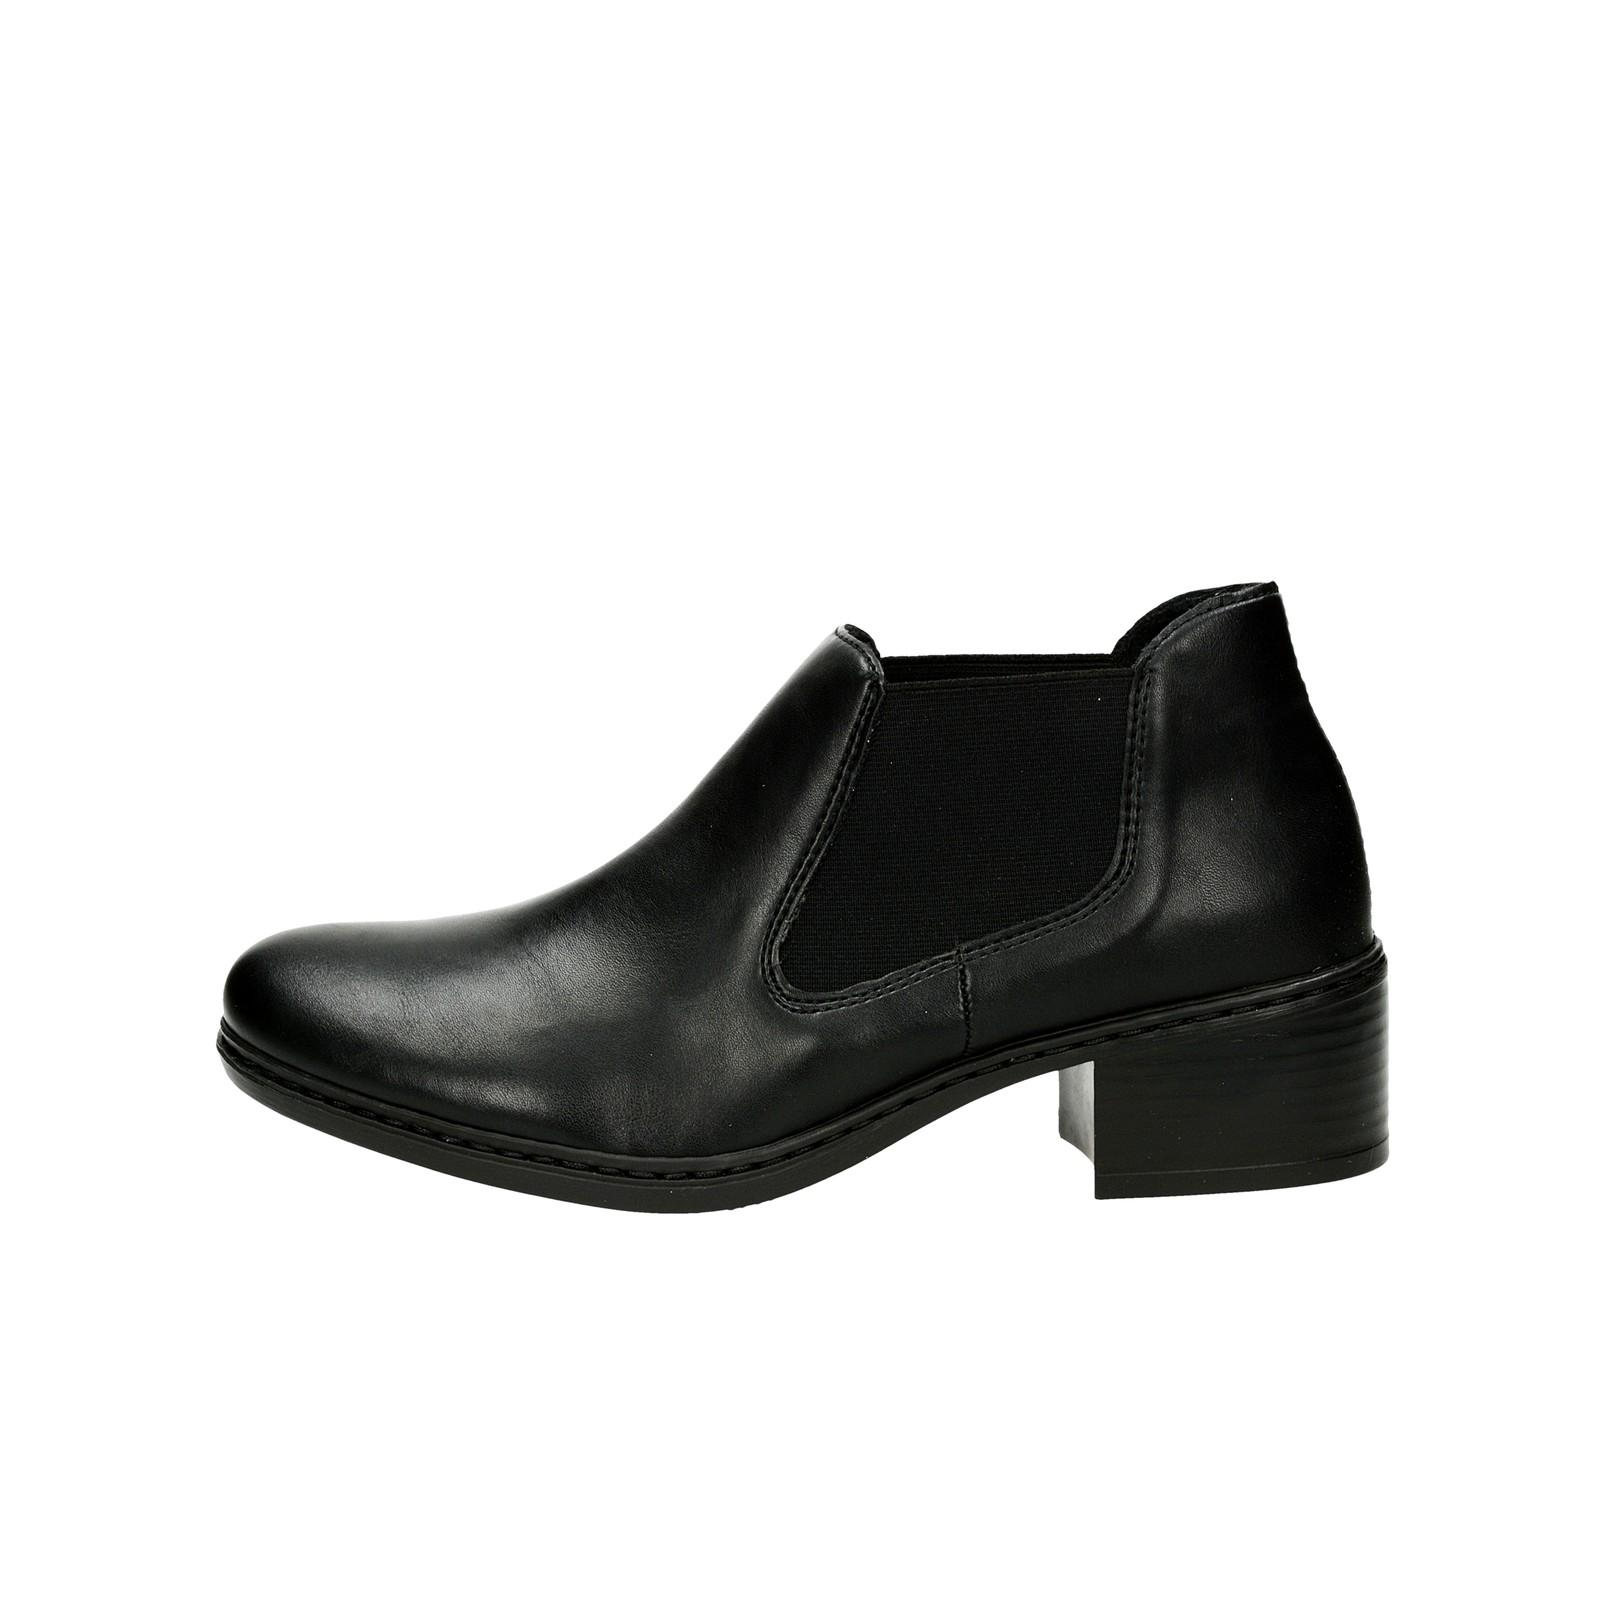 2b5c8971a37b Rieker dámske pohodlné kotníky - čierne Rieker dámske pohodlné kotníky -  čierne ...